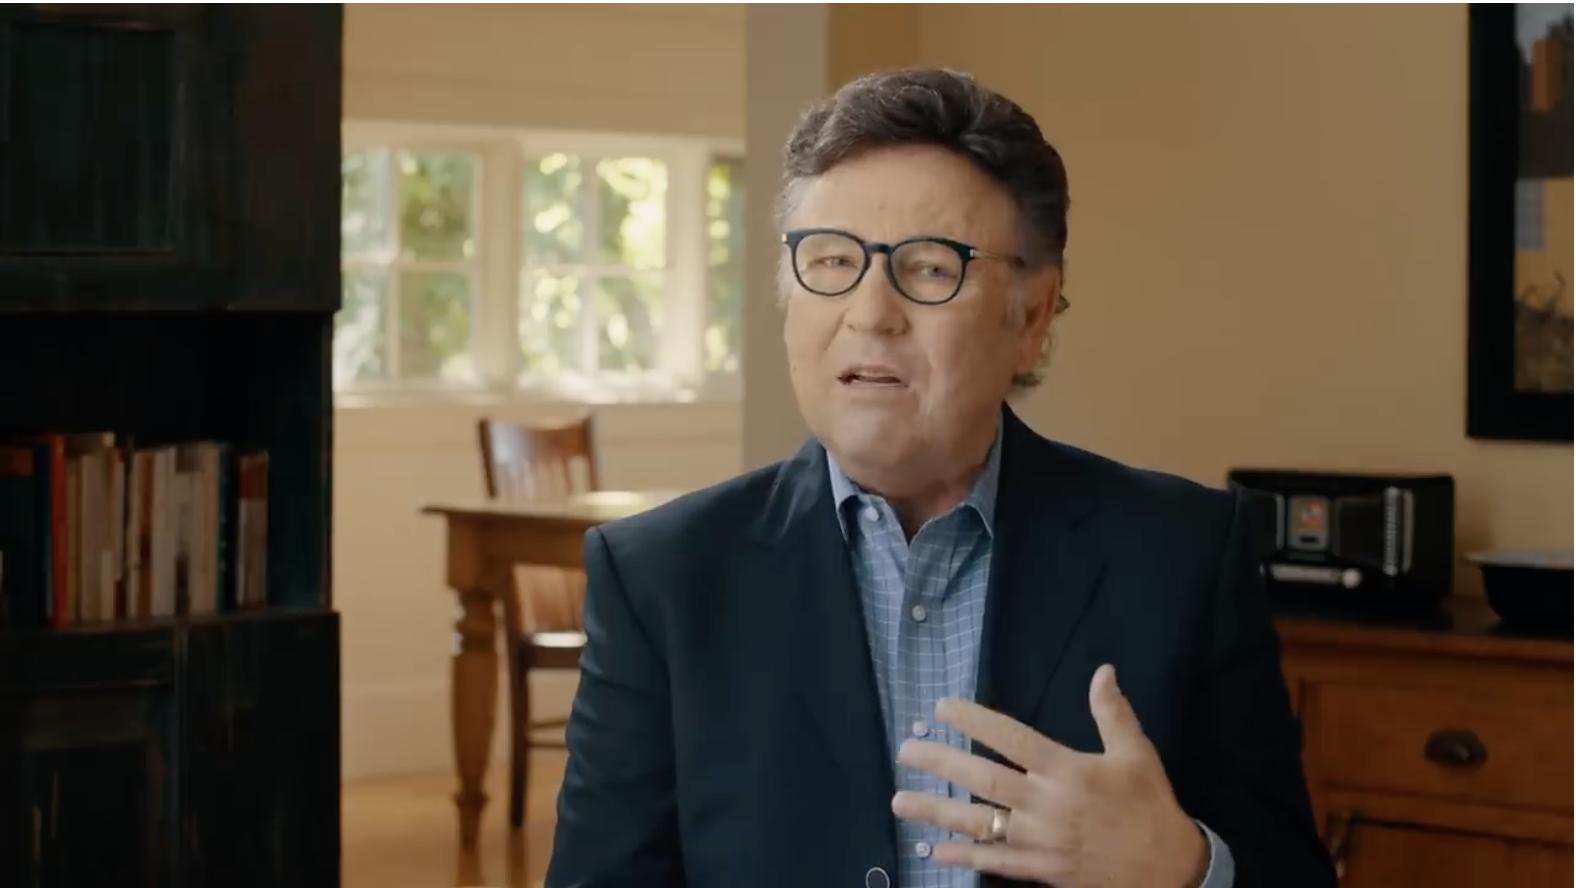 Michael McLean explains his faith crisis in a recent Mormon Channel video.